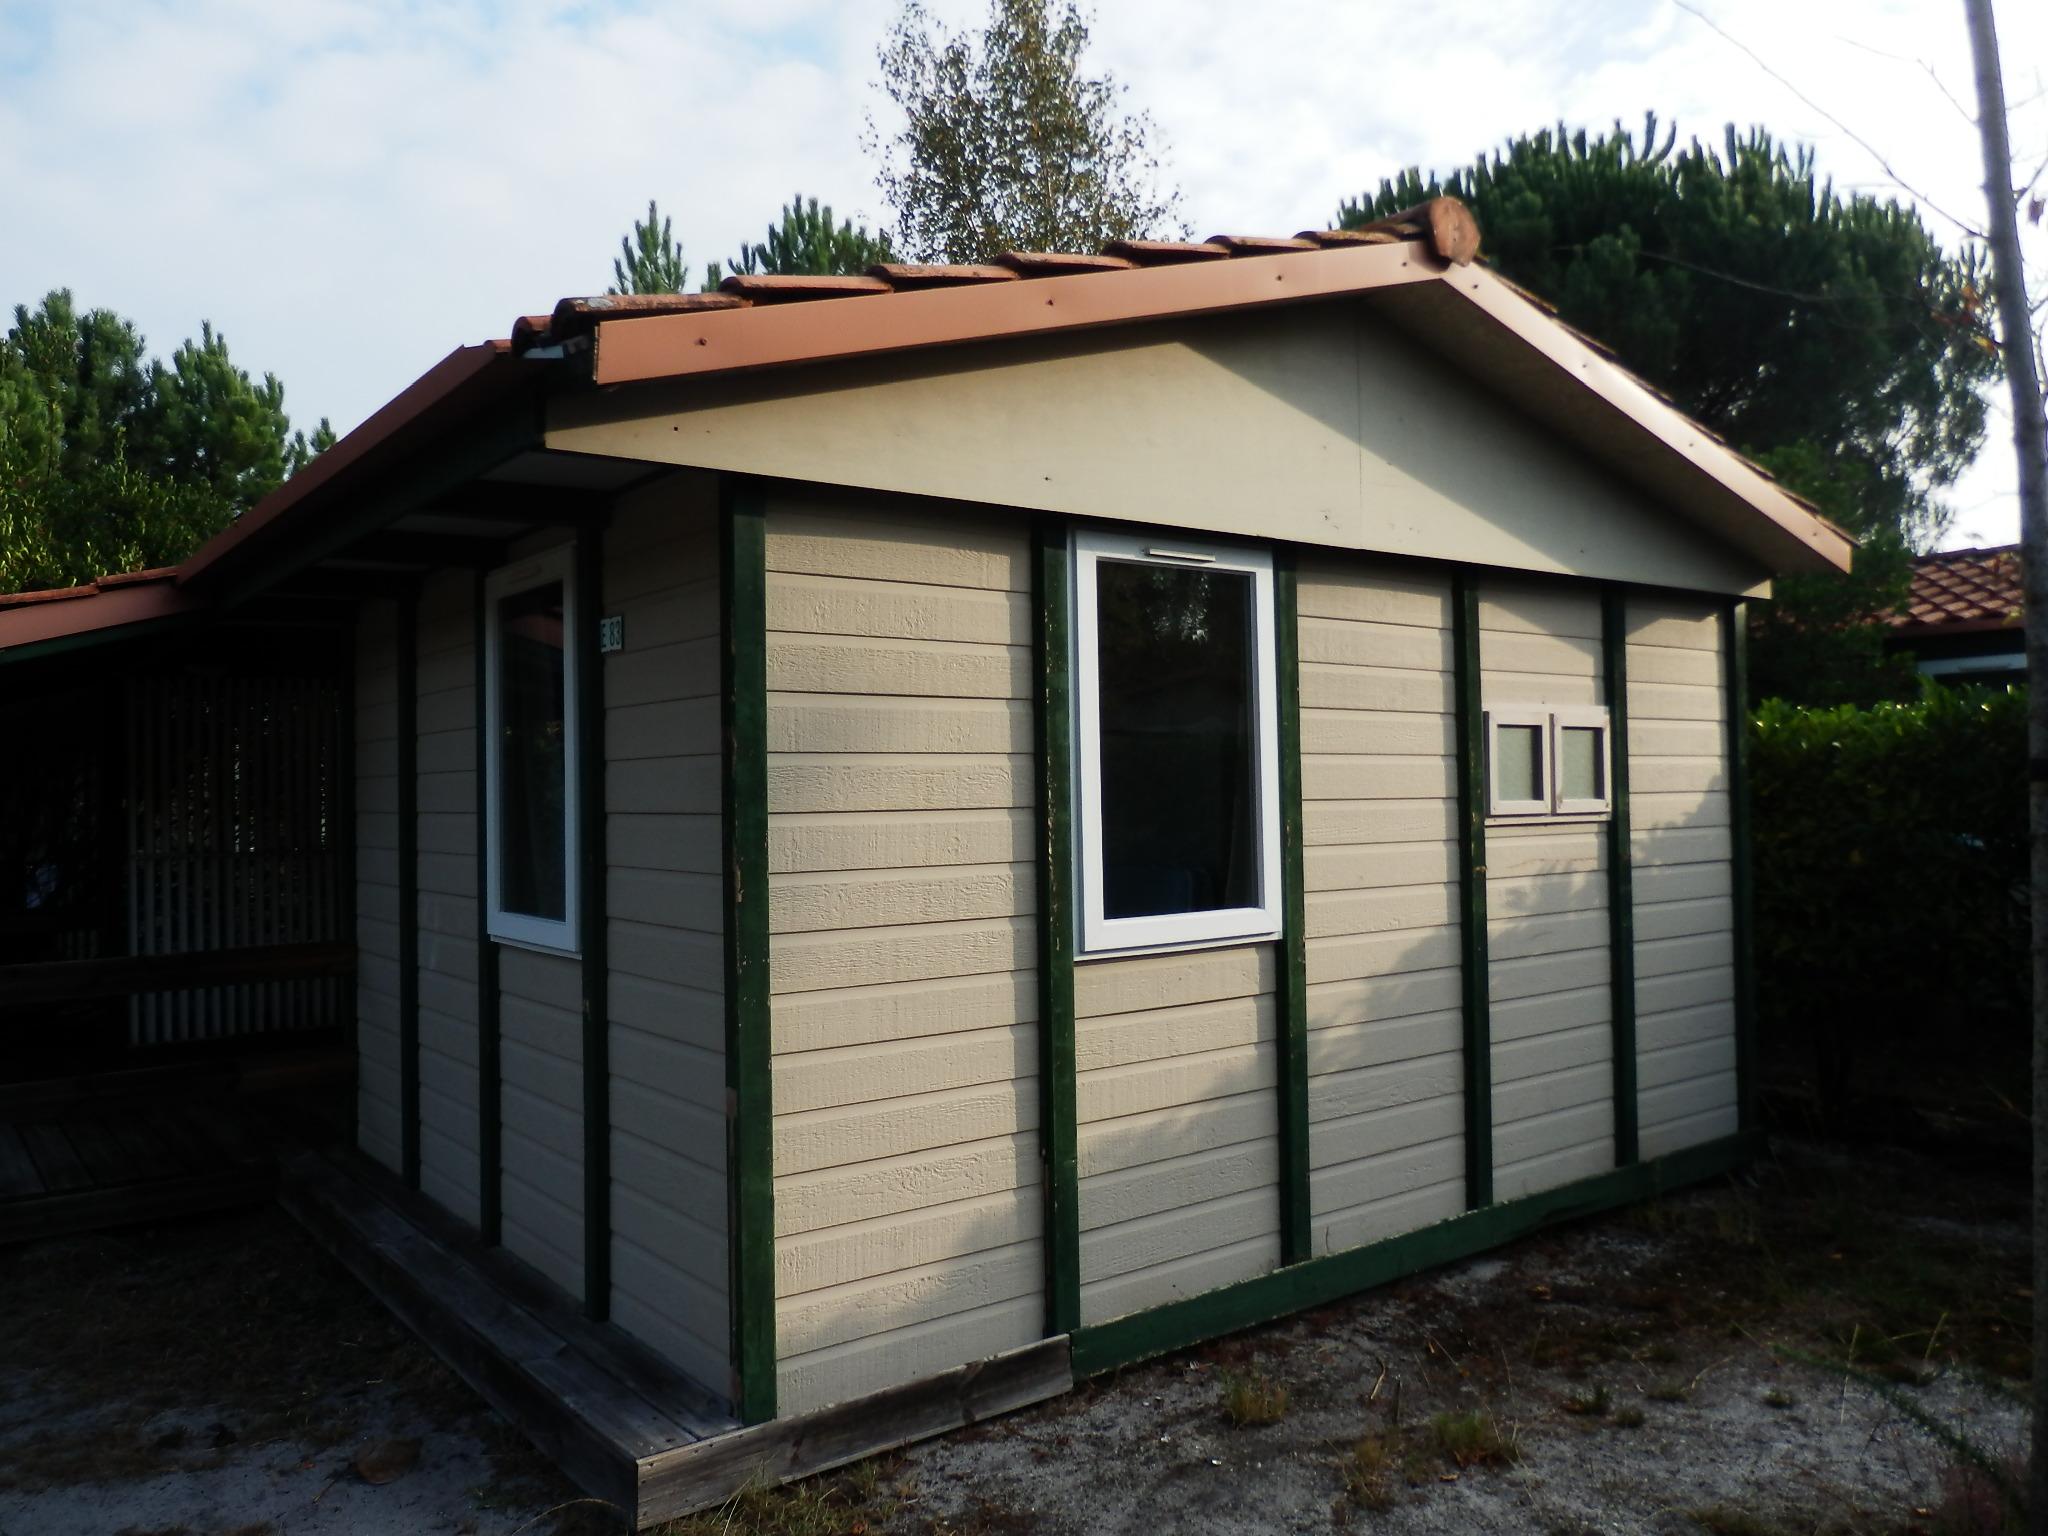 Casa prefabricada barata malaga de canexel de 45 m2 color - Ocasion casa malaga ...